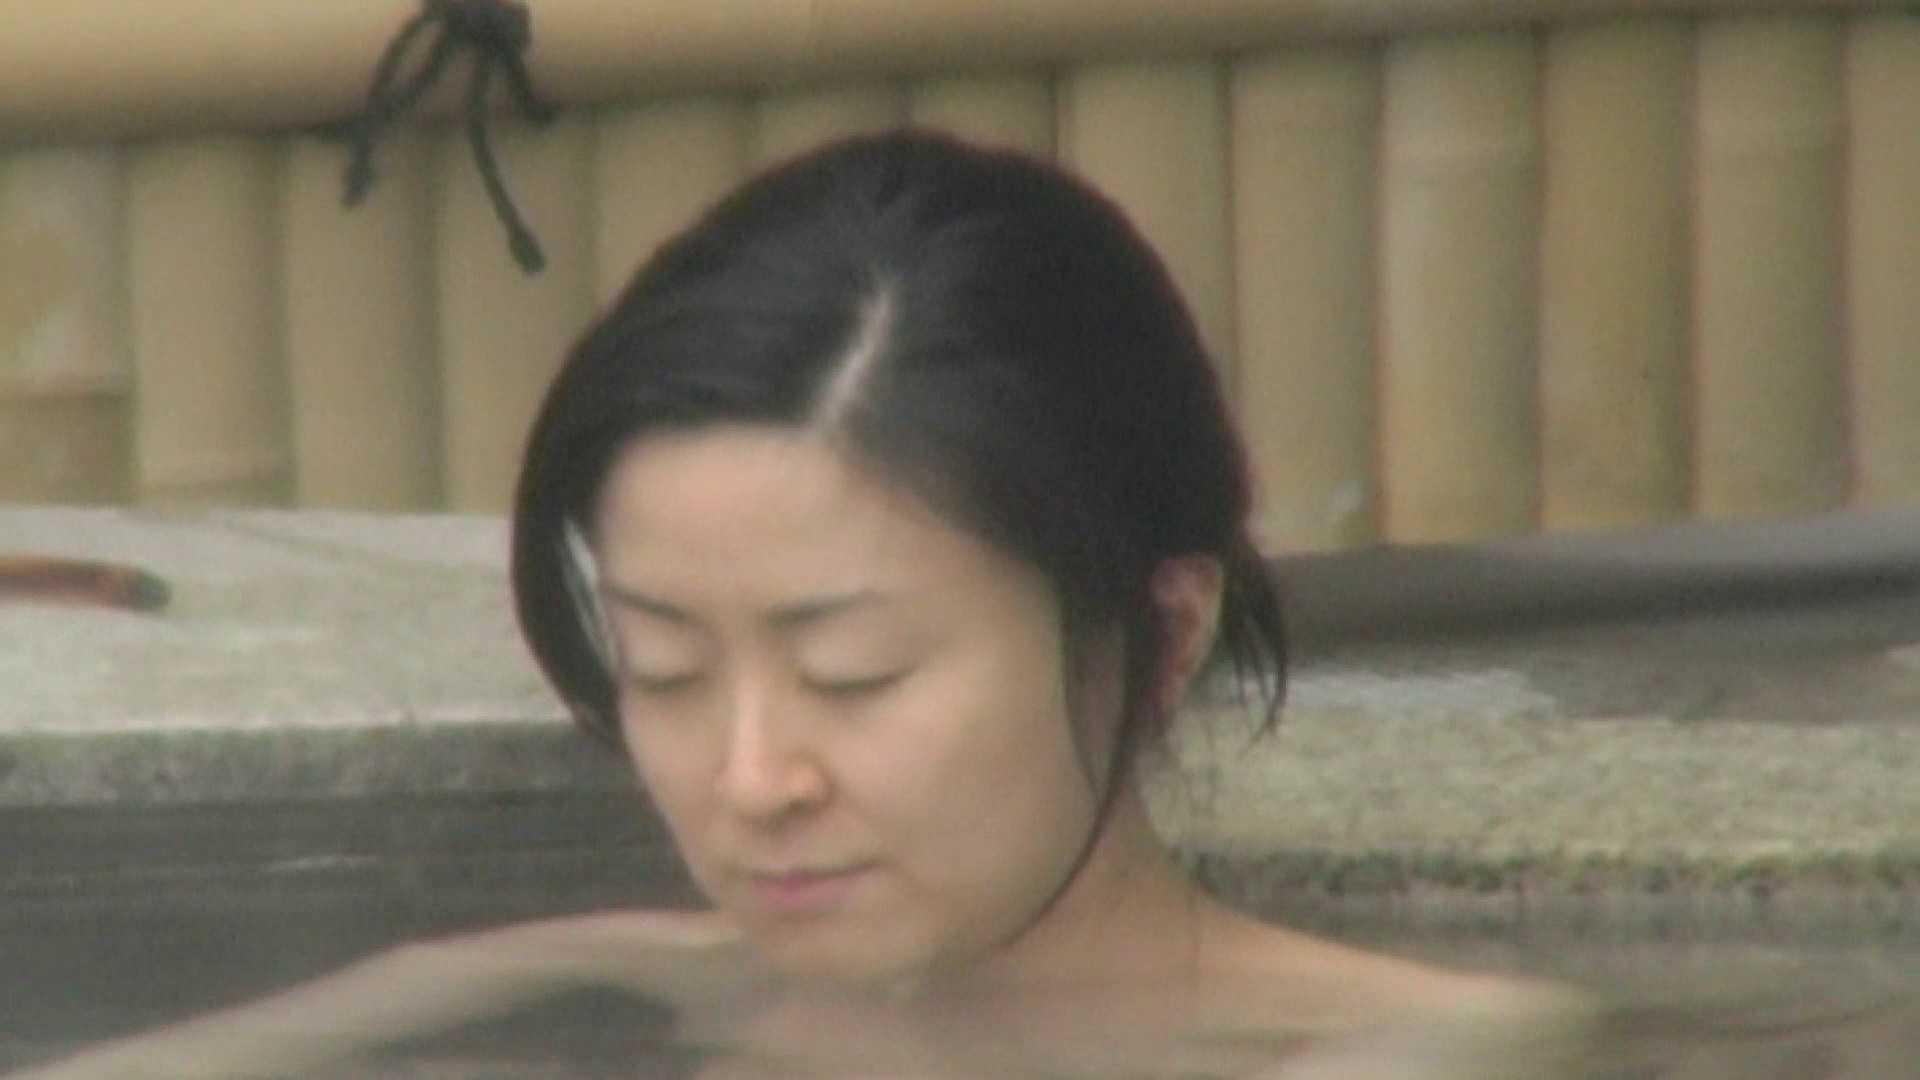 Aquaな露天風呂Vol.548 盗撮 | 露天  103画像 43